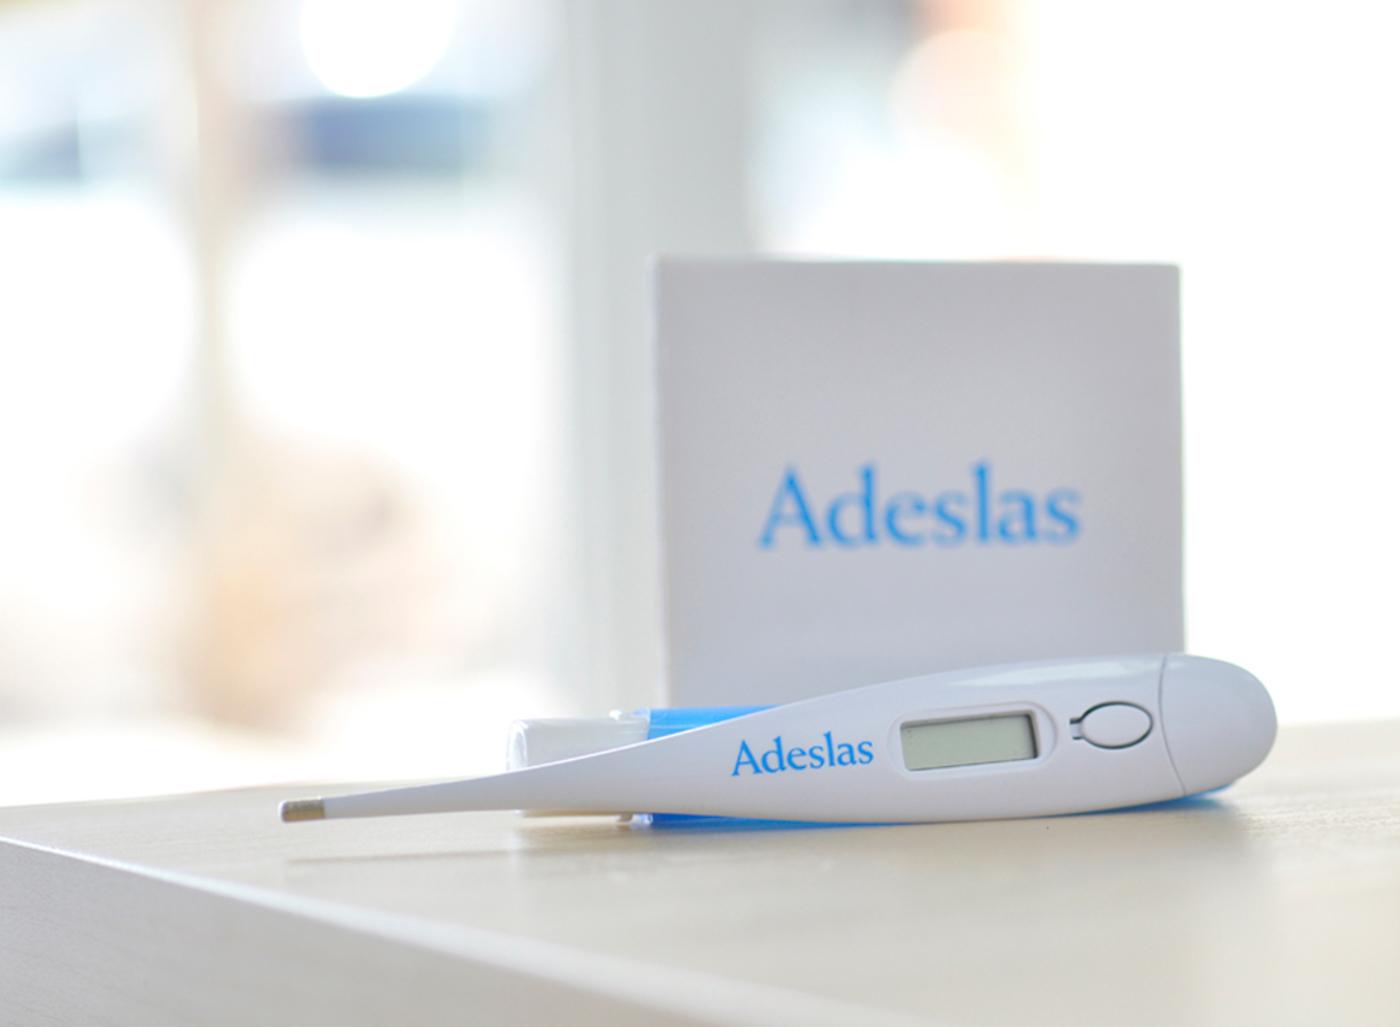 Adeslas Ofrece Tres Meses Gratis En Sus Seguros De Salud Adeslas